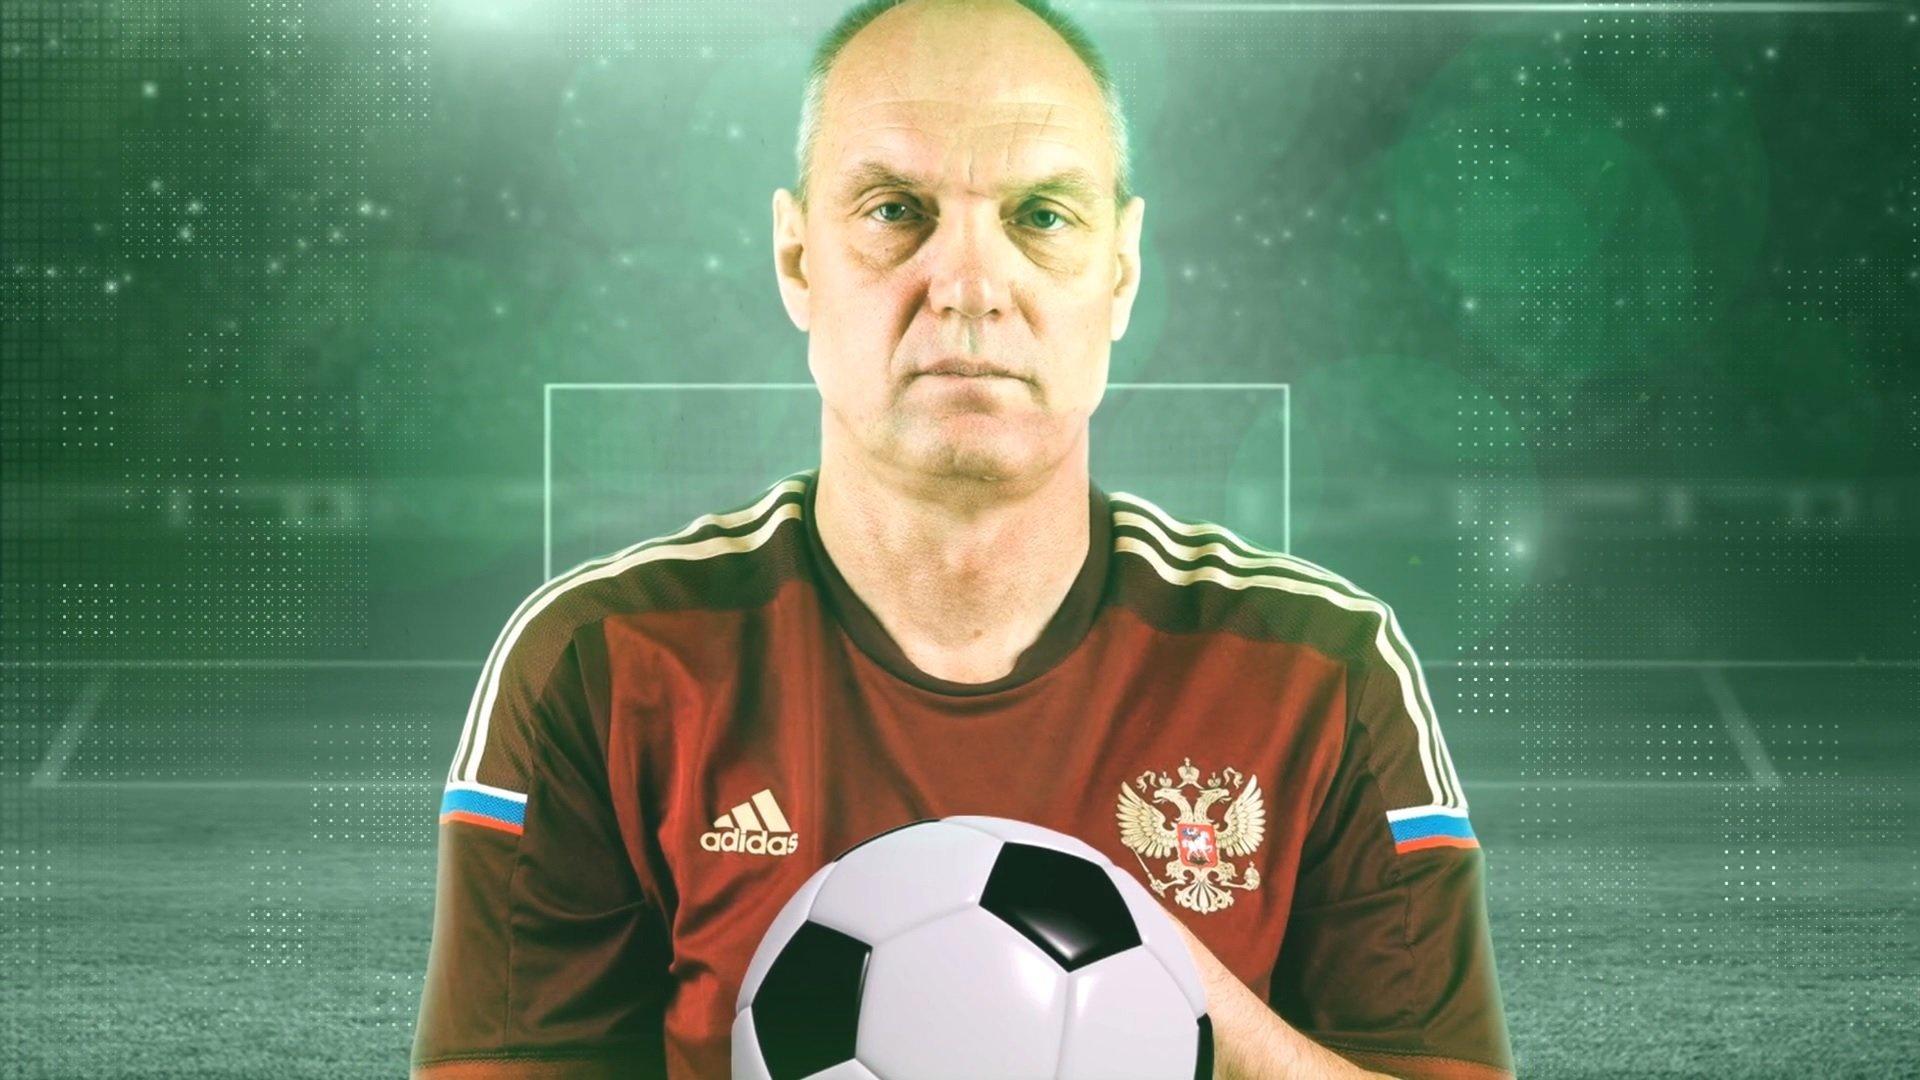 Дзюба — лучший игрок, «Сочи» — главное открытие... Александр Бубнов подвел итоги первой части чемпионата России